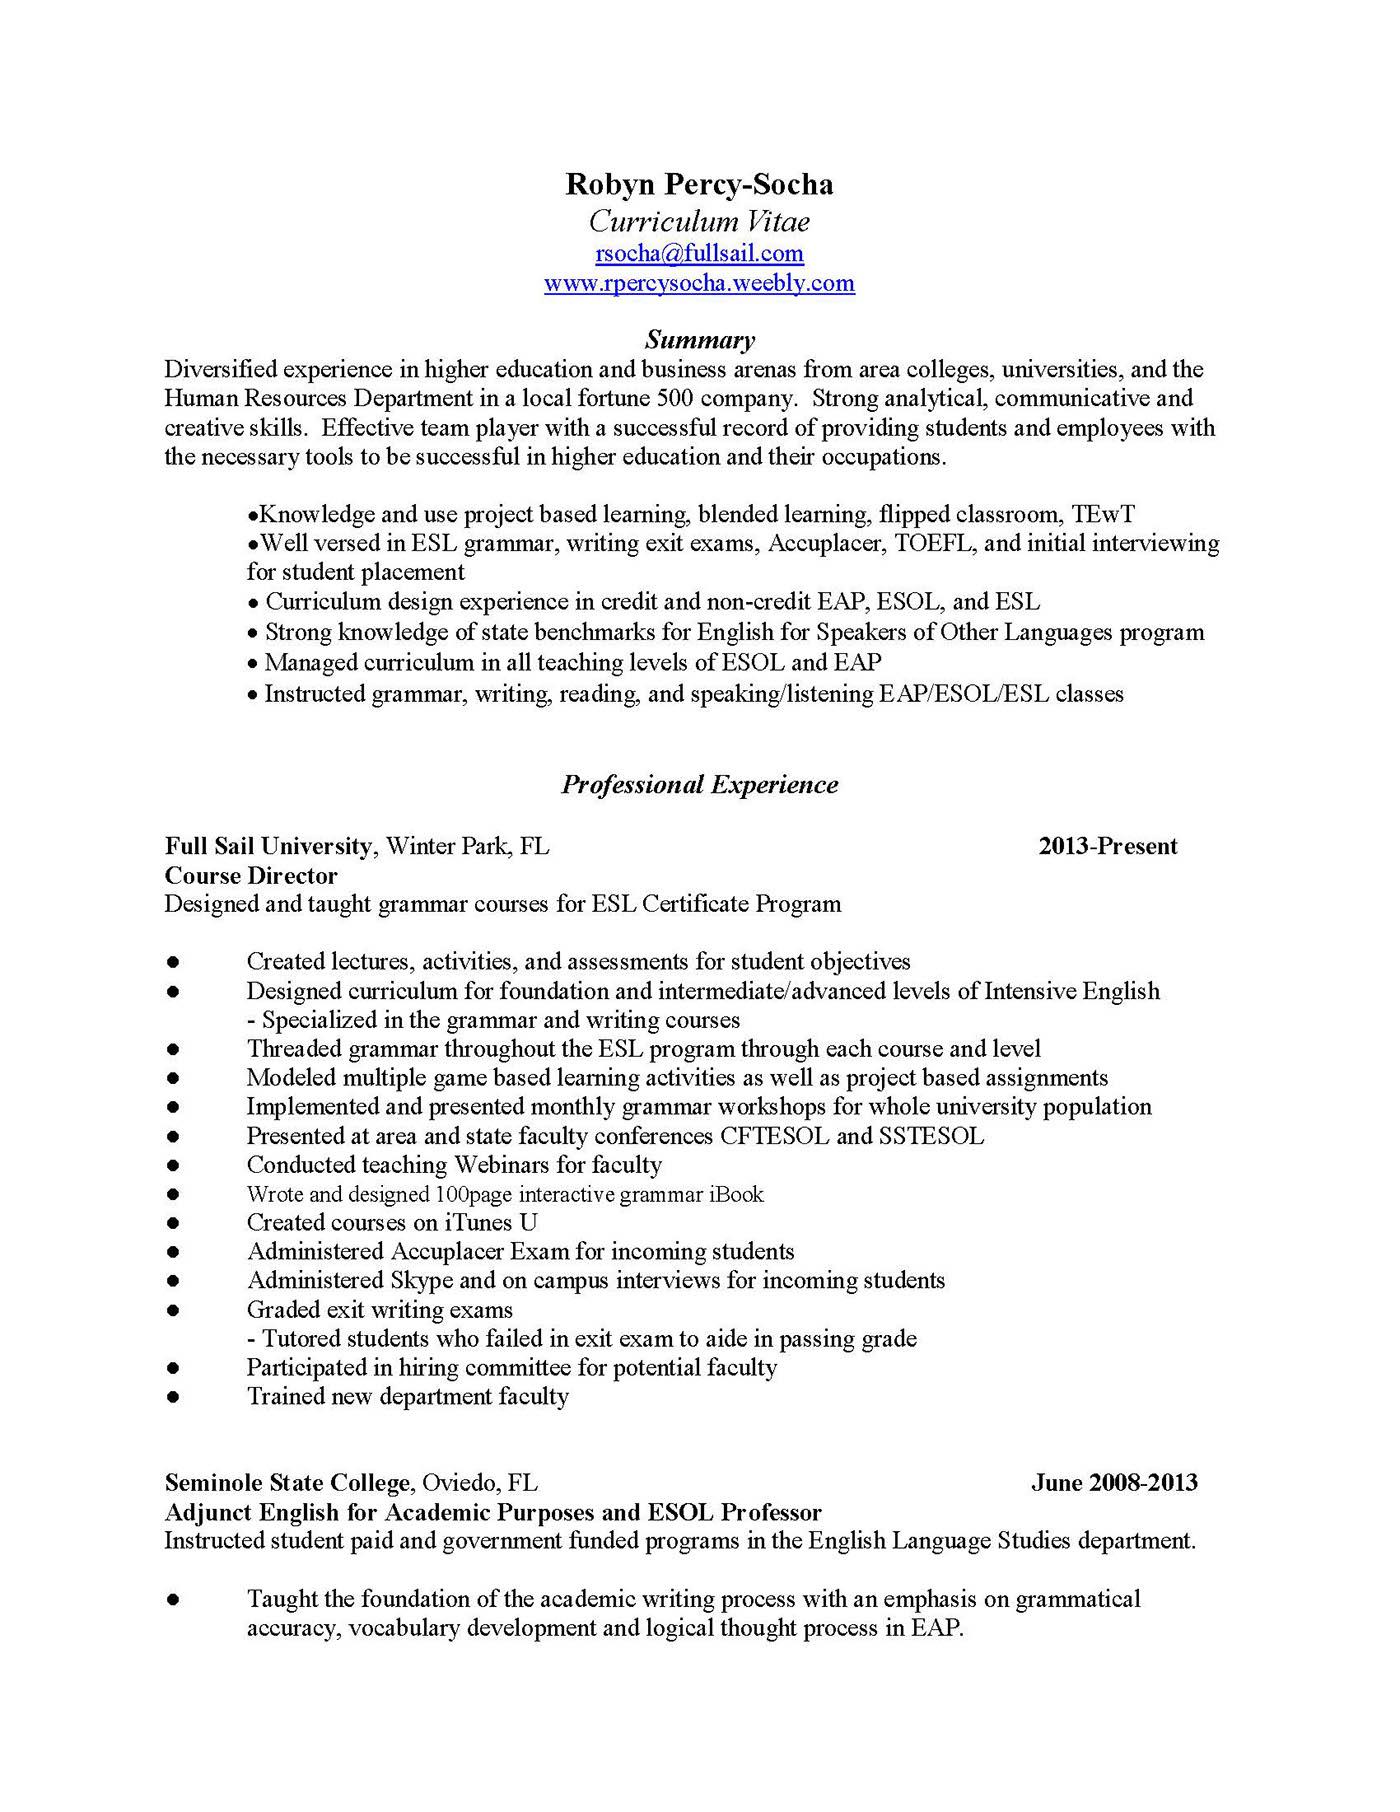 Resume Links on Behance